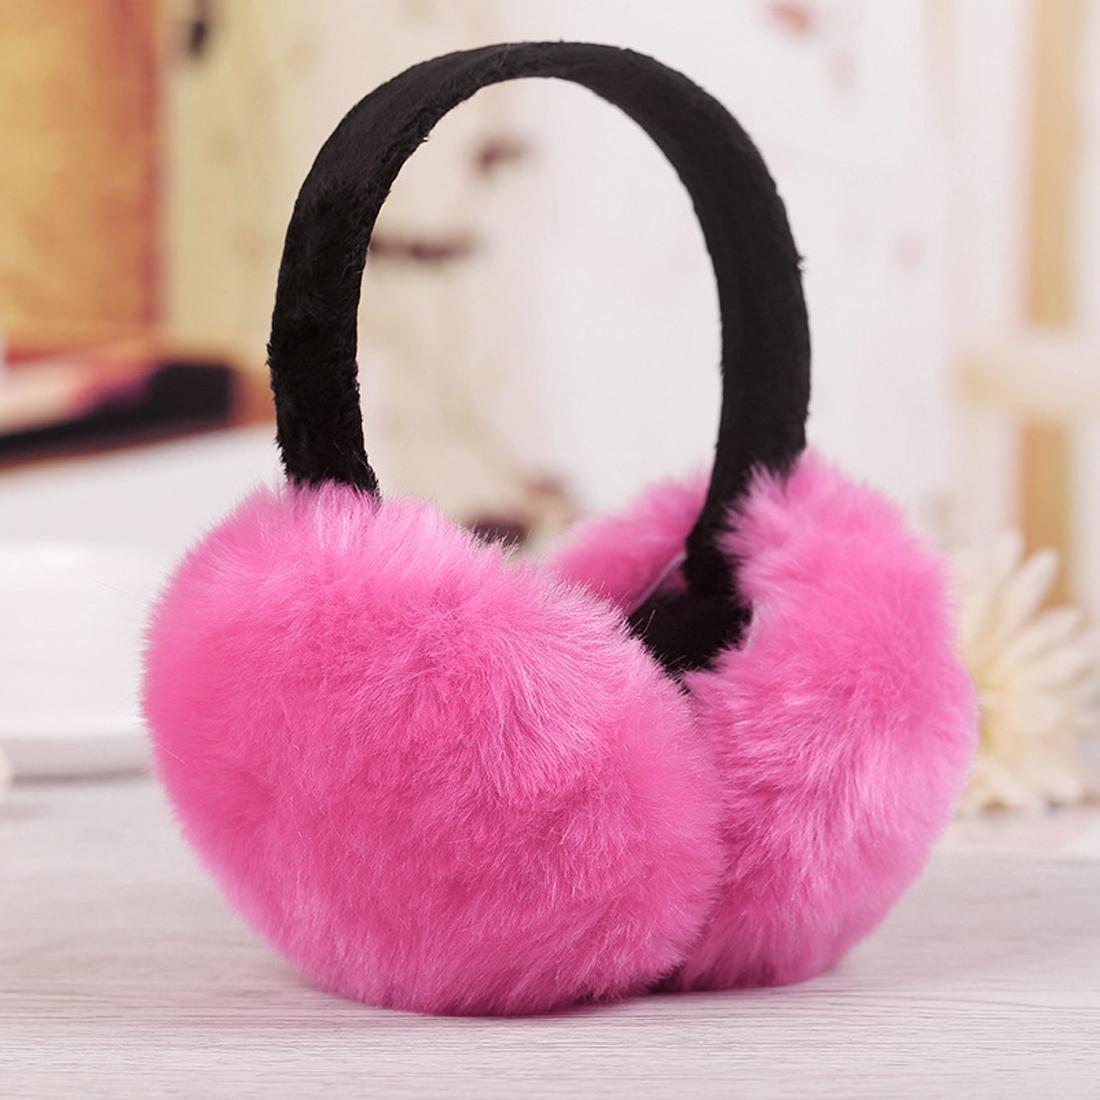 Neue Winter-Frauen Männer Earmuffs Lovers Ohr-Wärmer Imitation Plüsch Plain Teenage Earmuffs Student Girl Ear Muffs